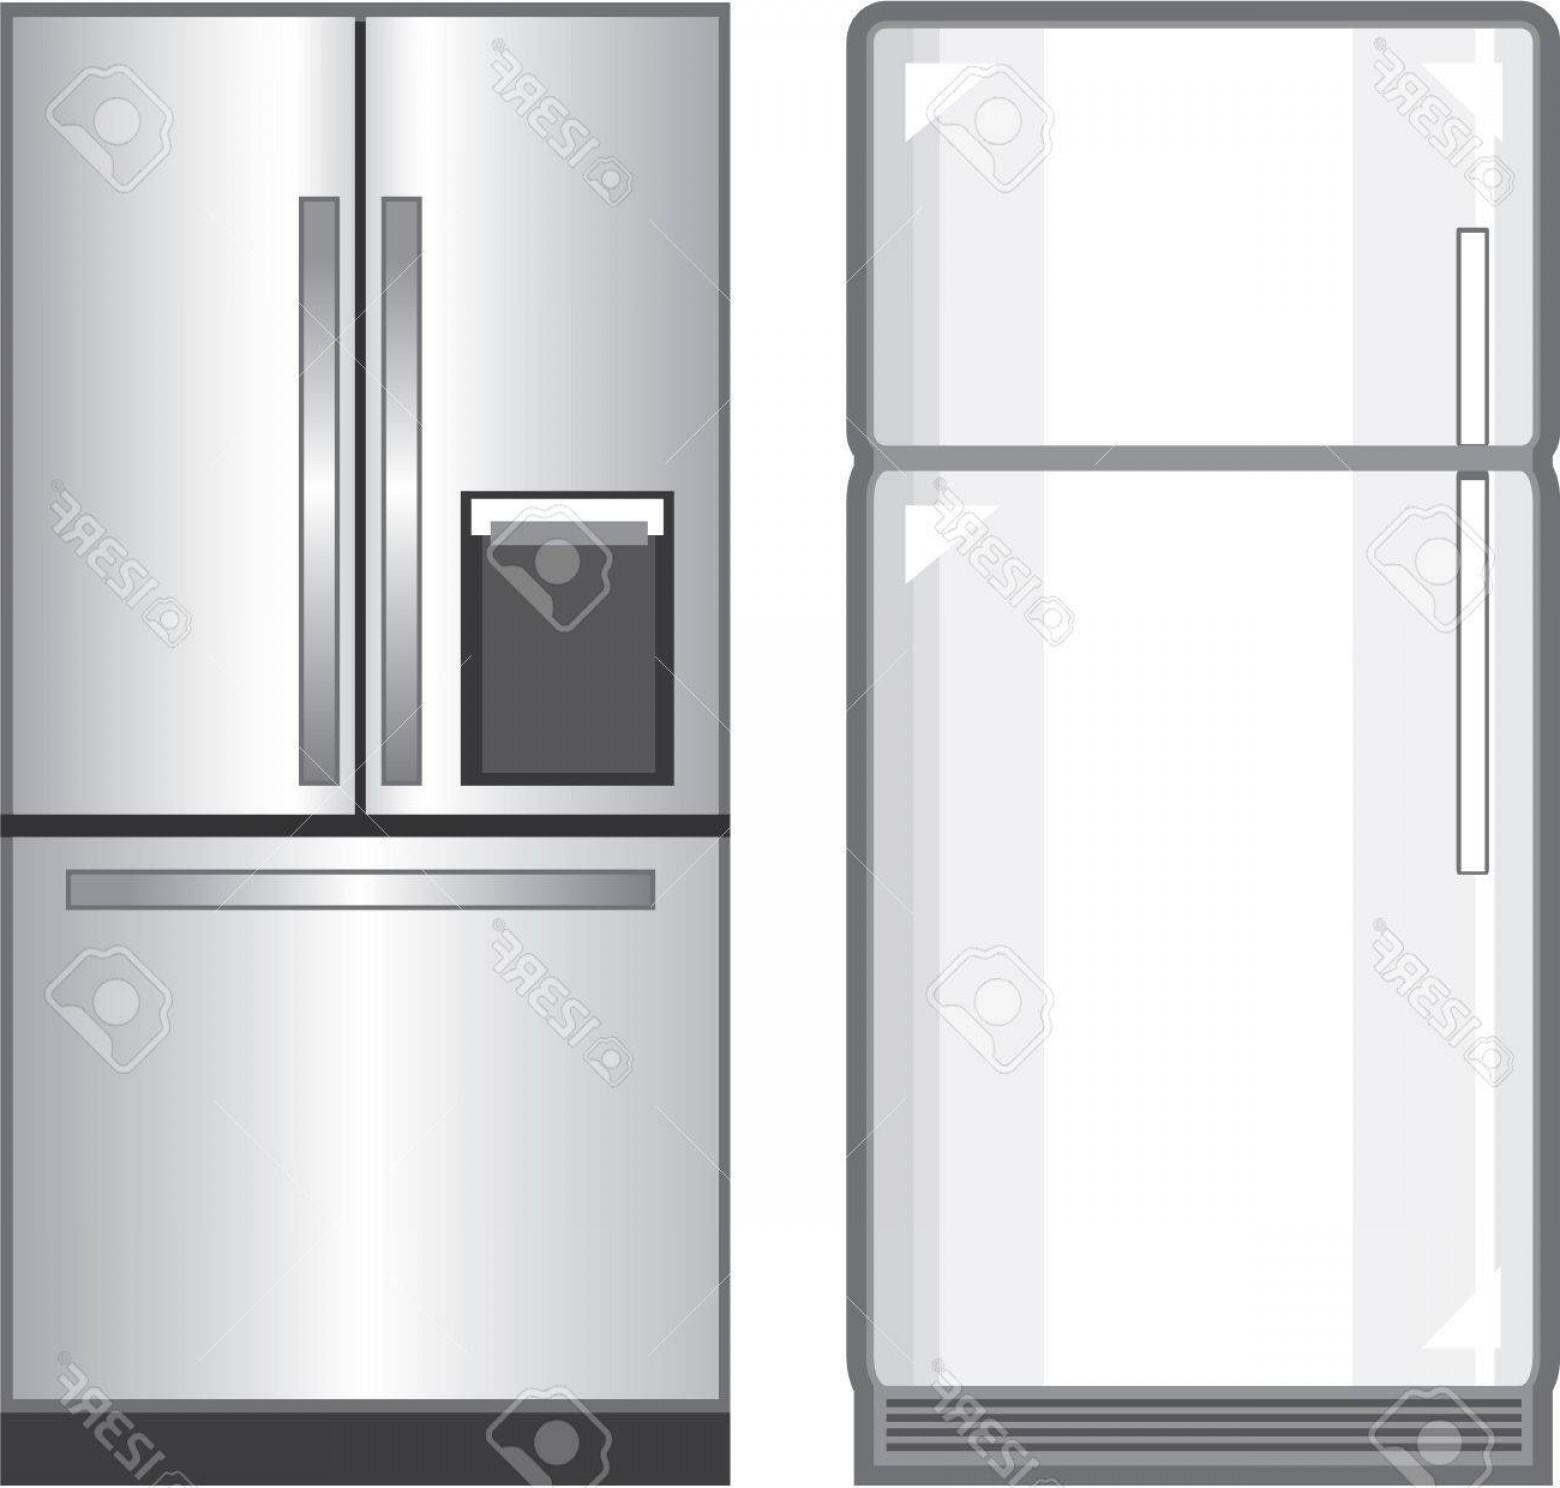 Photostock Vector Refrigerator Illustration Clip Art Image Vector.